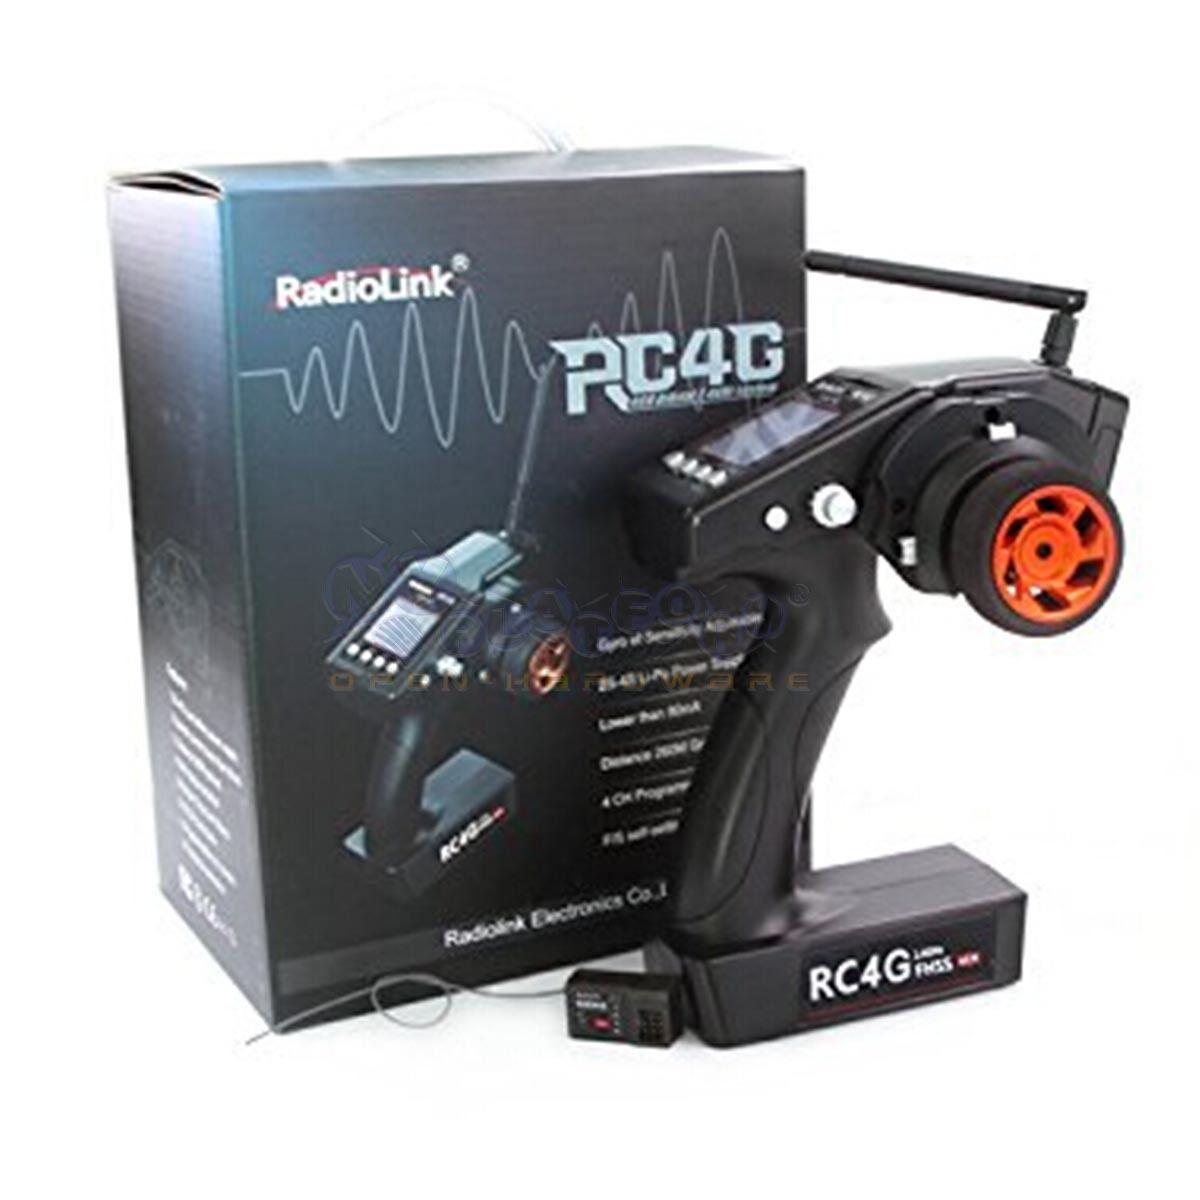 Radio Link RC4G 2.4G 4CH Channel Digital Surface Radio with Gyro RC Car Boat Etc